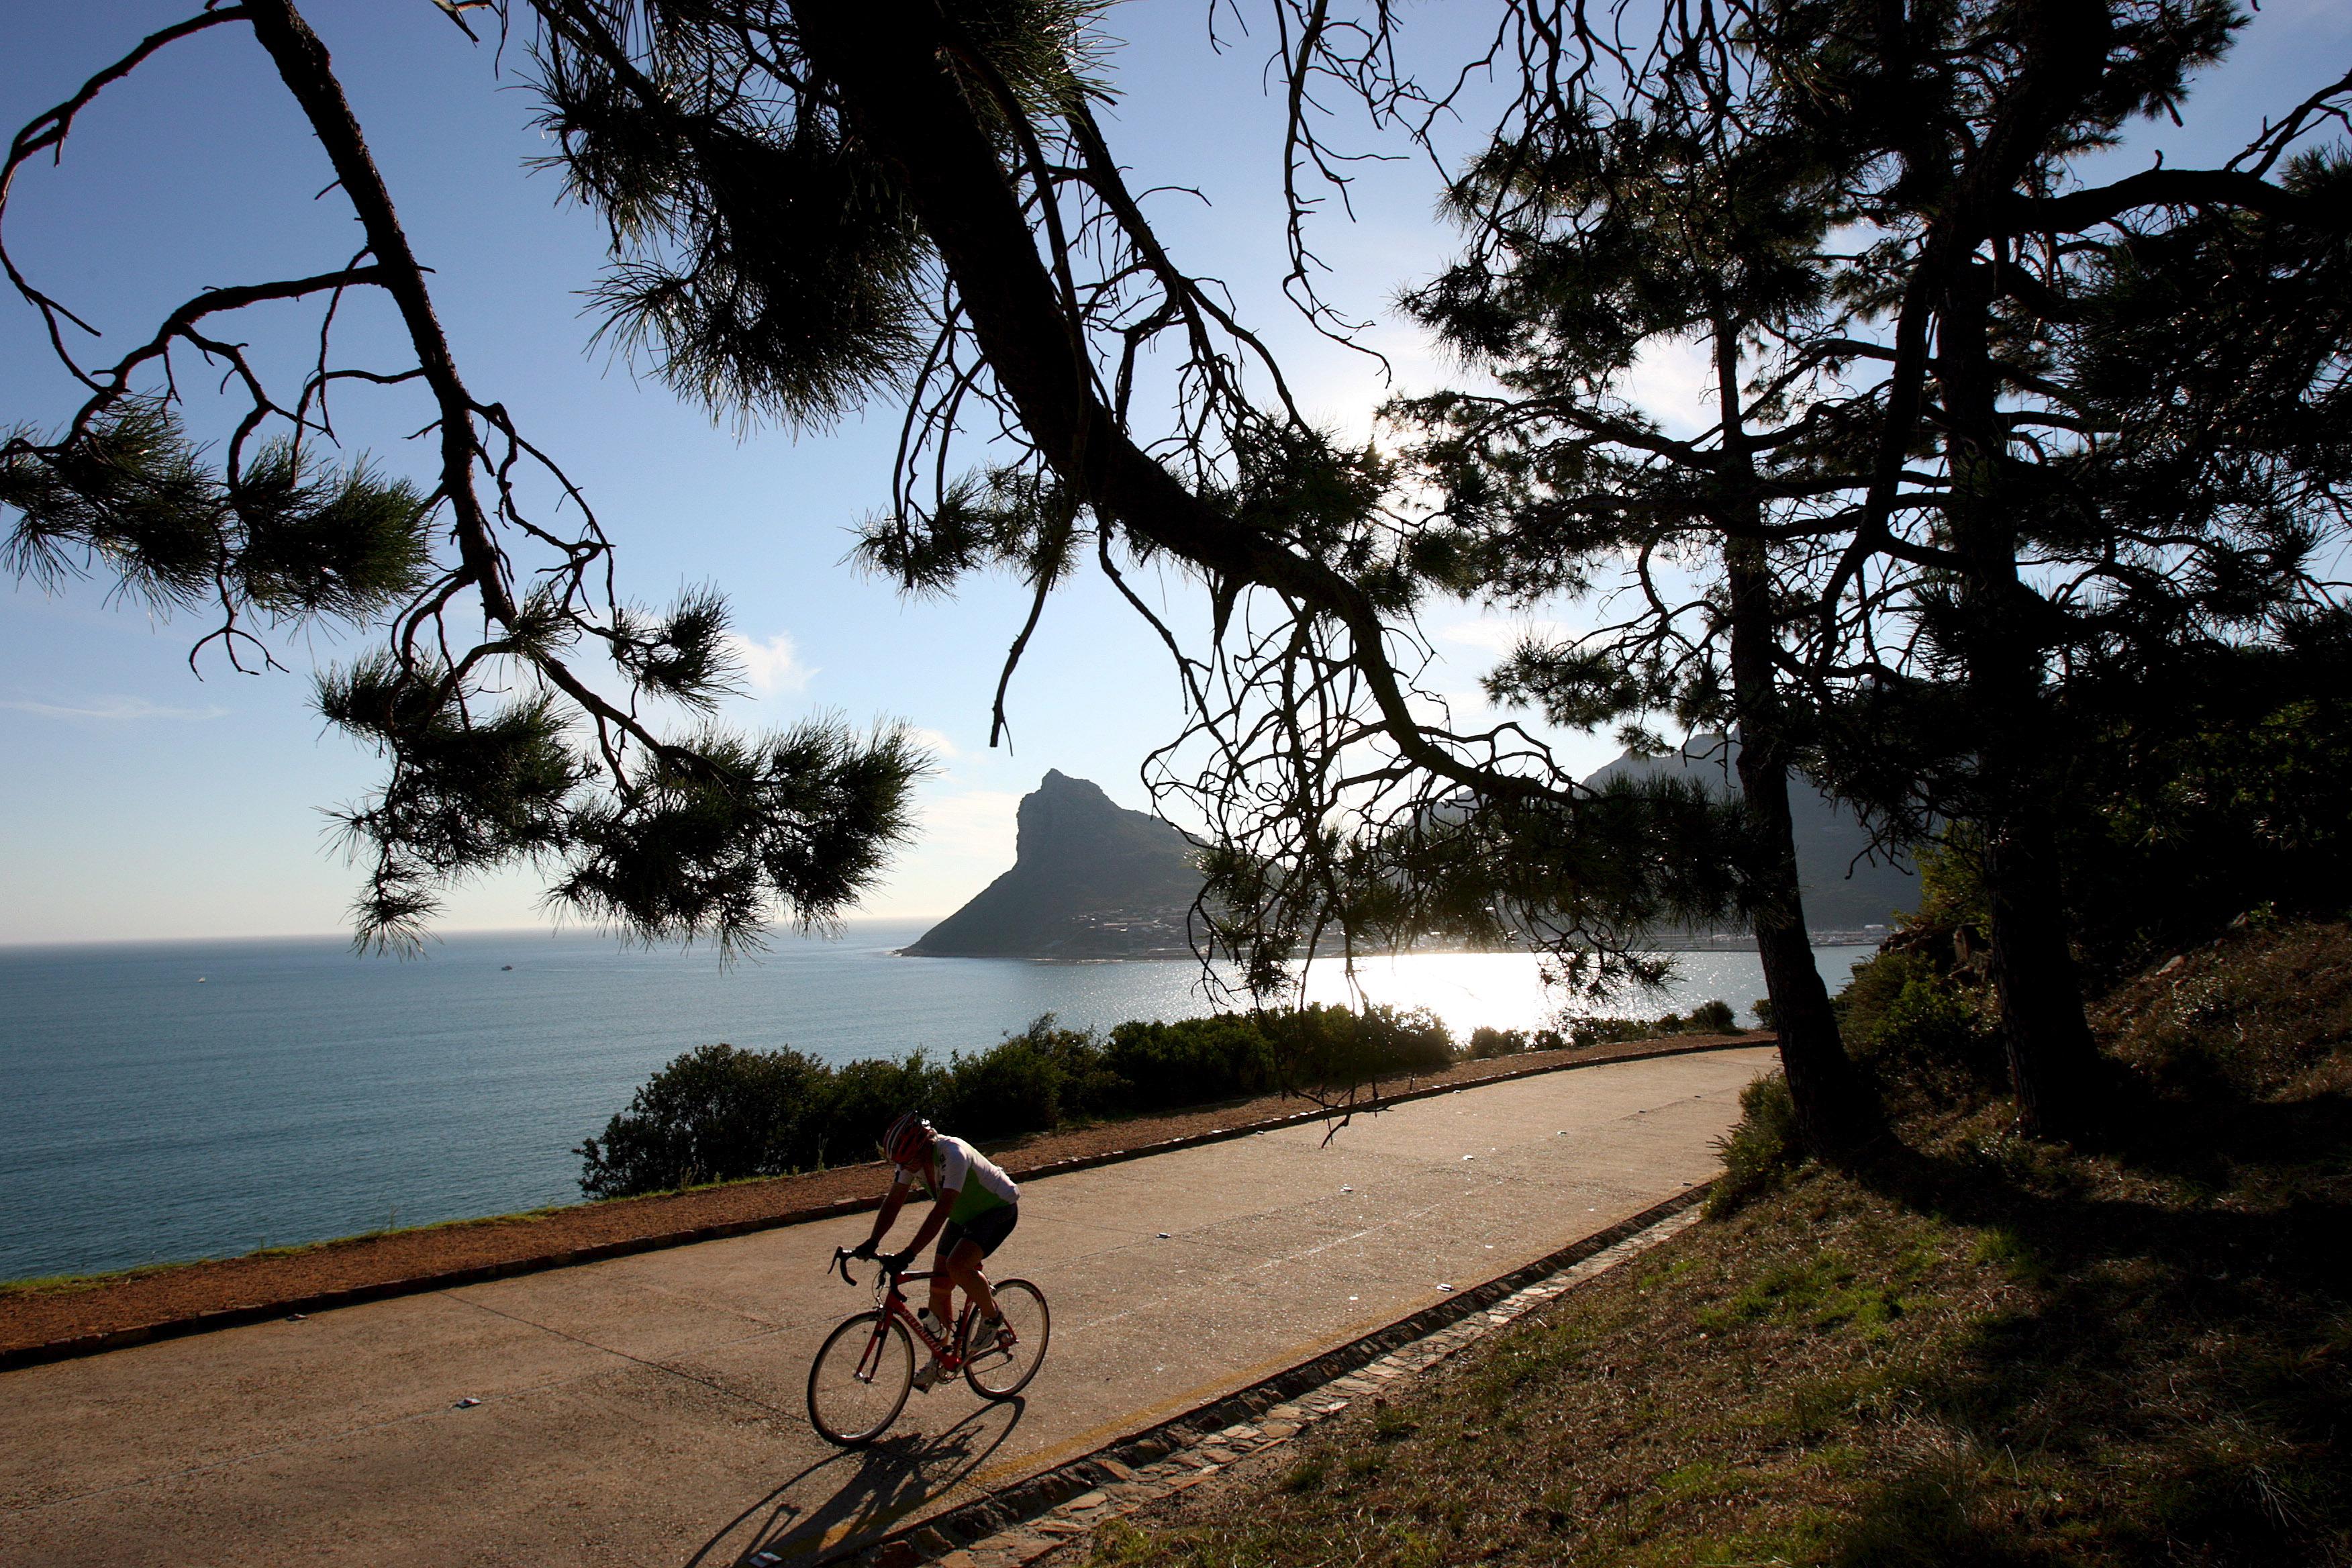 Biker bikes on bike path.